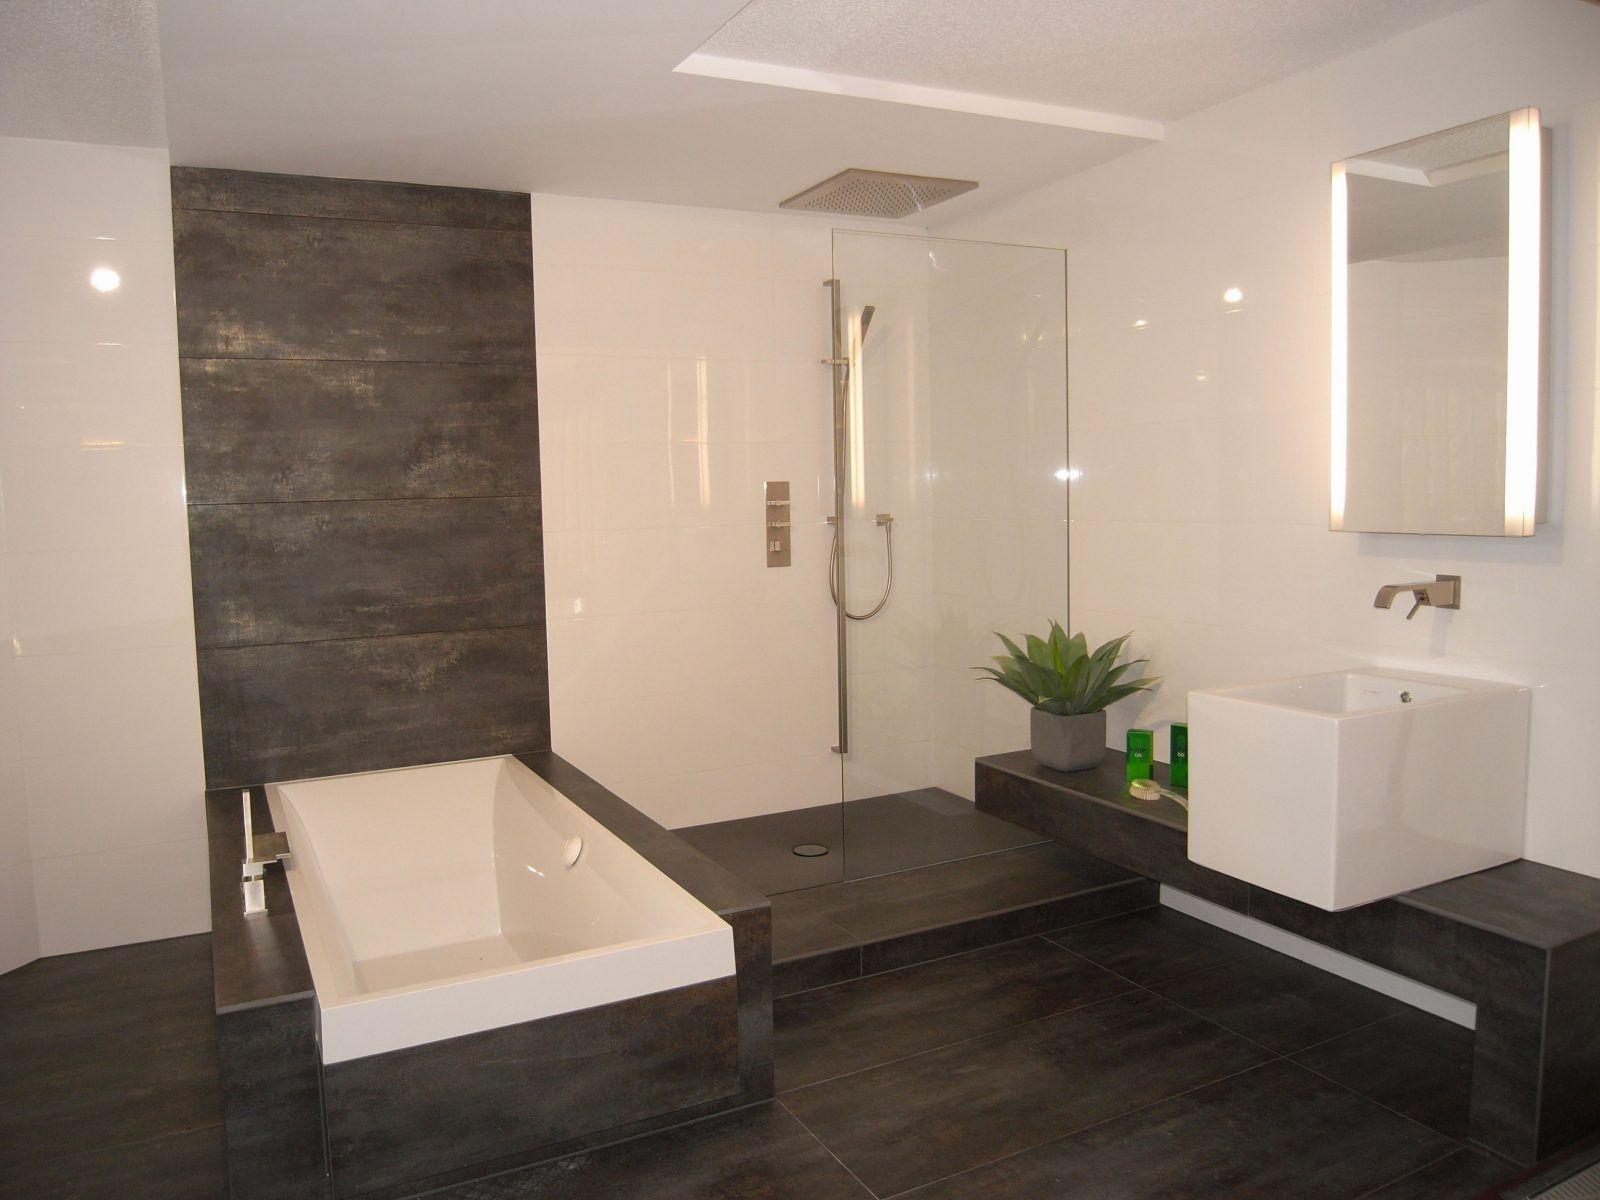 Badezimmer Fliesen Modern Badezimmer Tomis Media Von Badezimmer Modern Fliesen Bild In 2020 Badezimmer Fliesen Bad Fliesen Designs Badezimmer Design